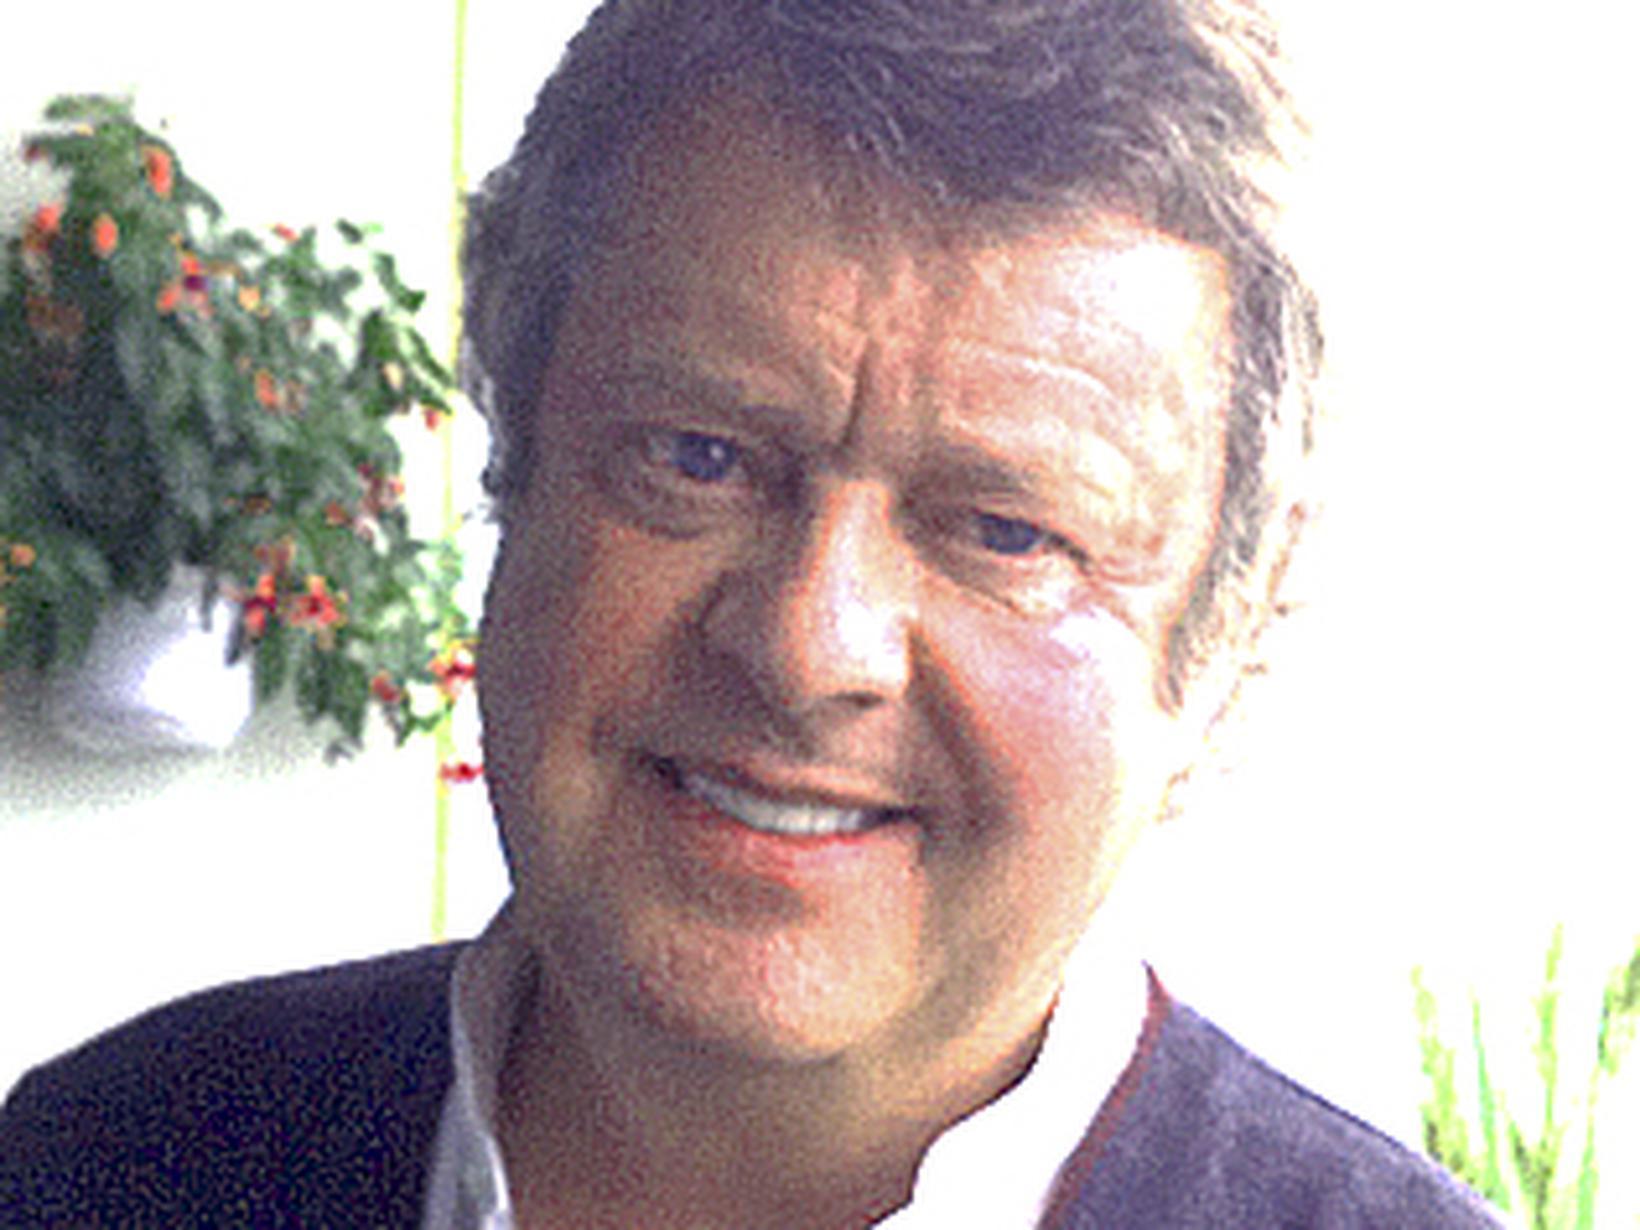 Bjarni dagur from Reykjavík, Iceland